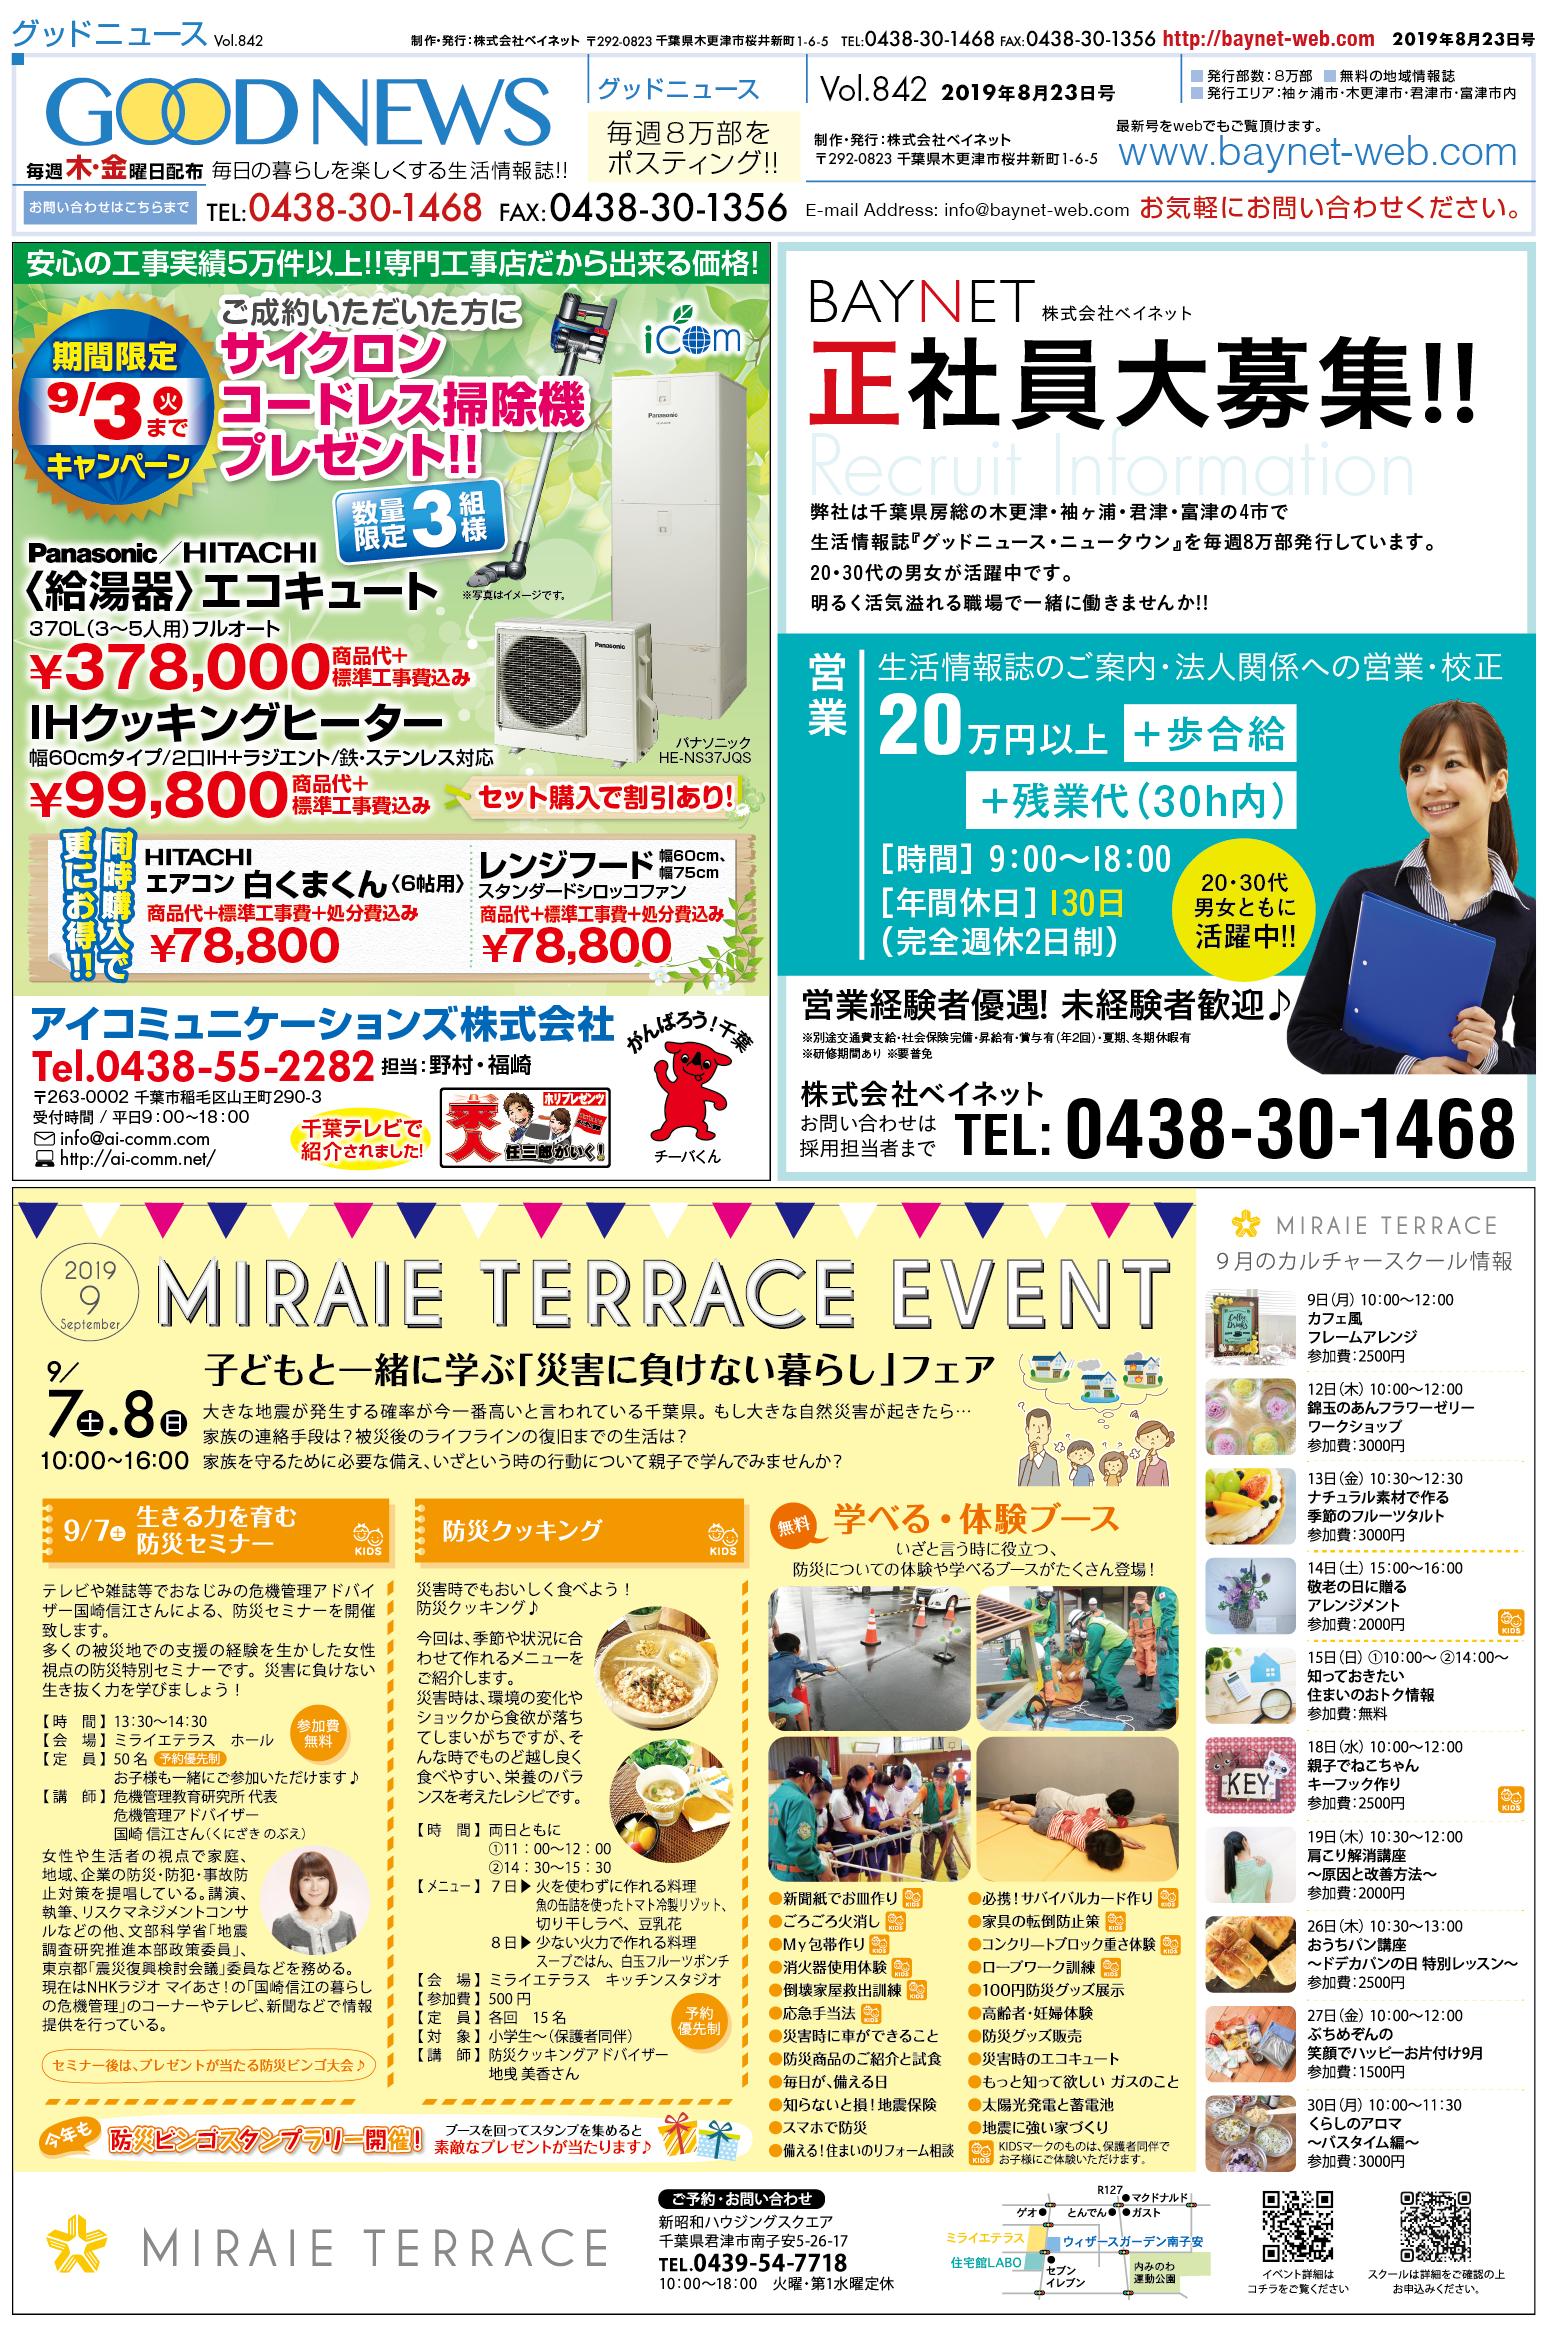 アイコミュニケーションズ株式会社 ベイネット 新昭和ハウジングスクエア